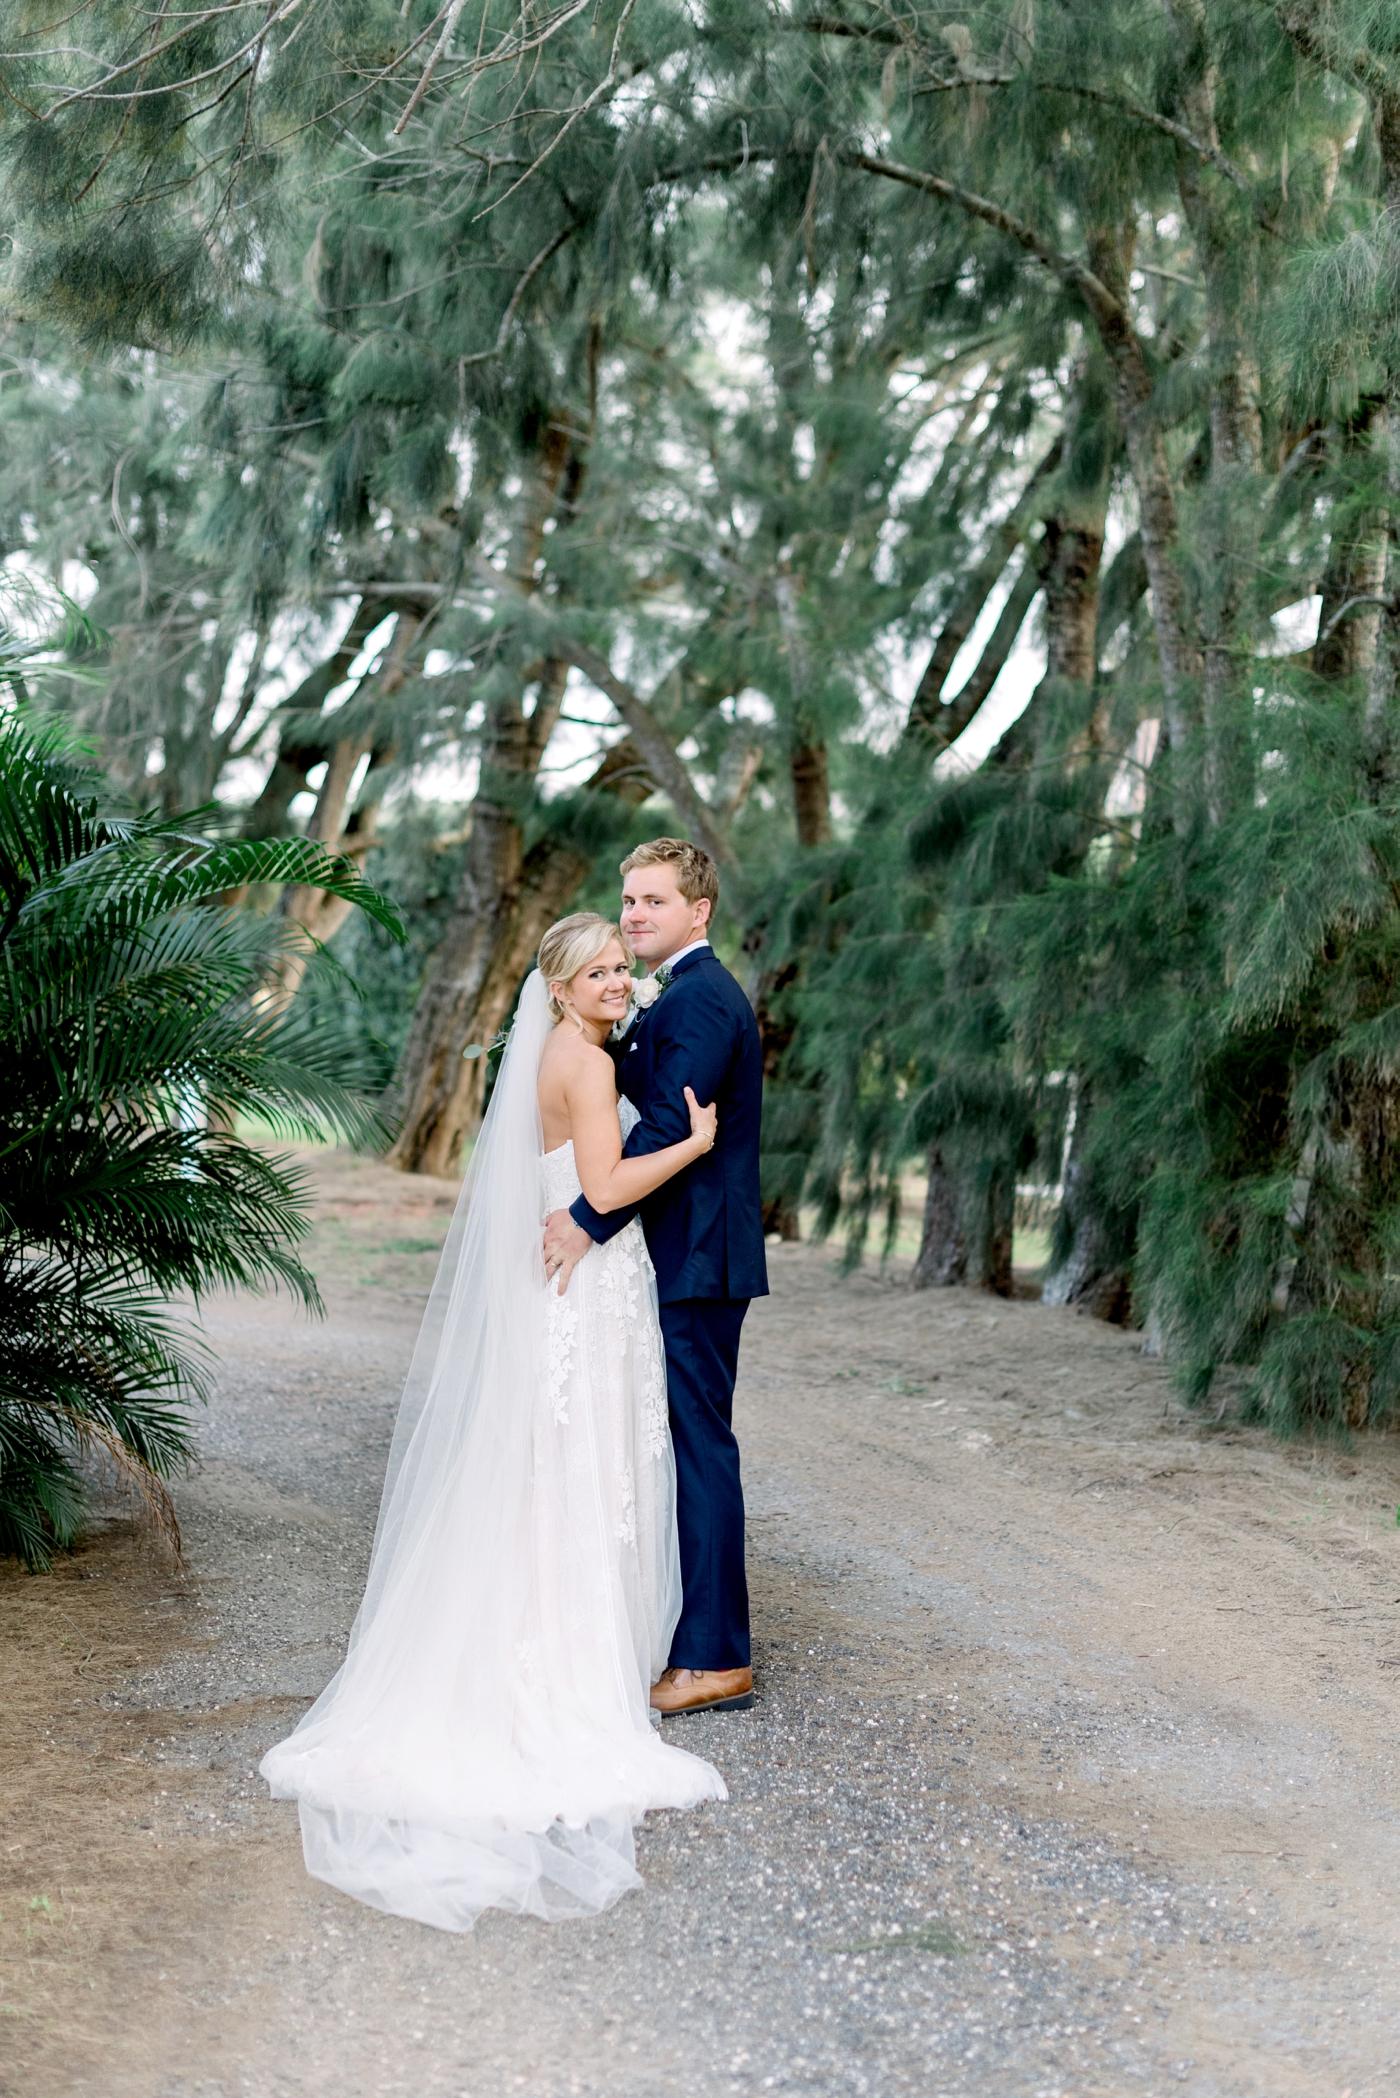 Bellewood Plantation Couple